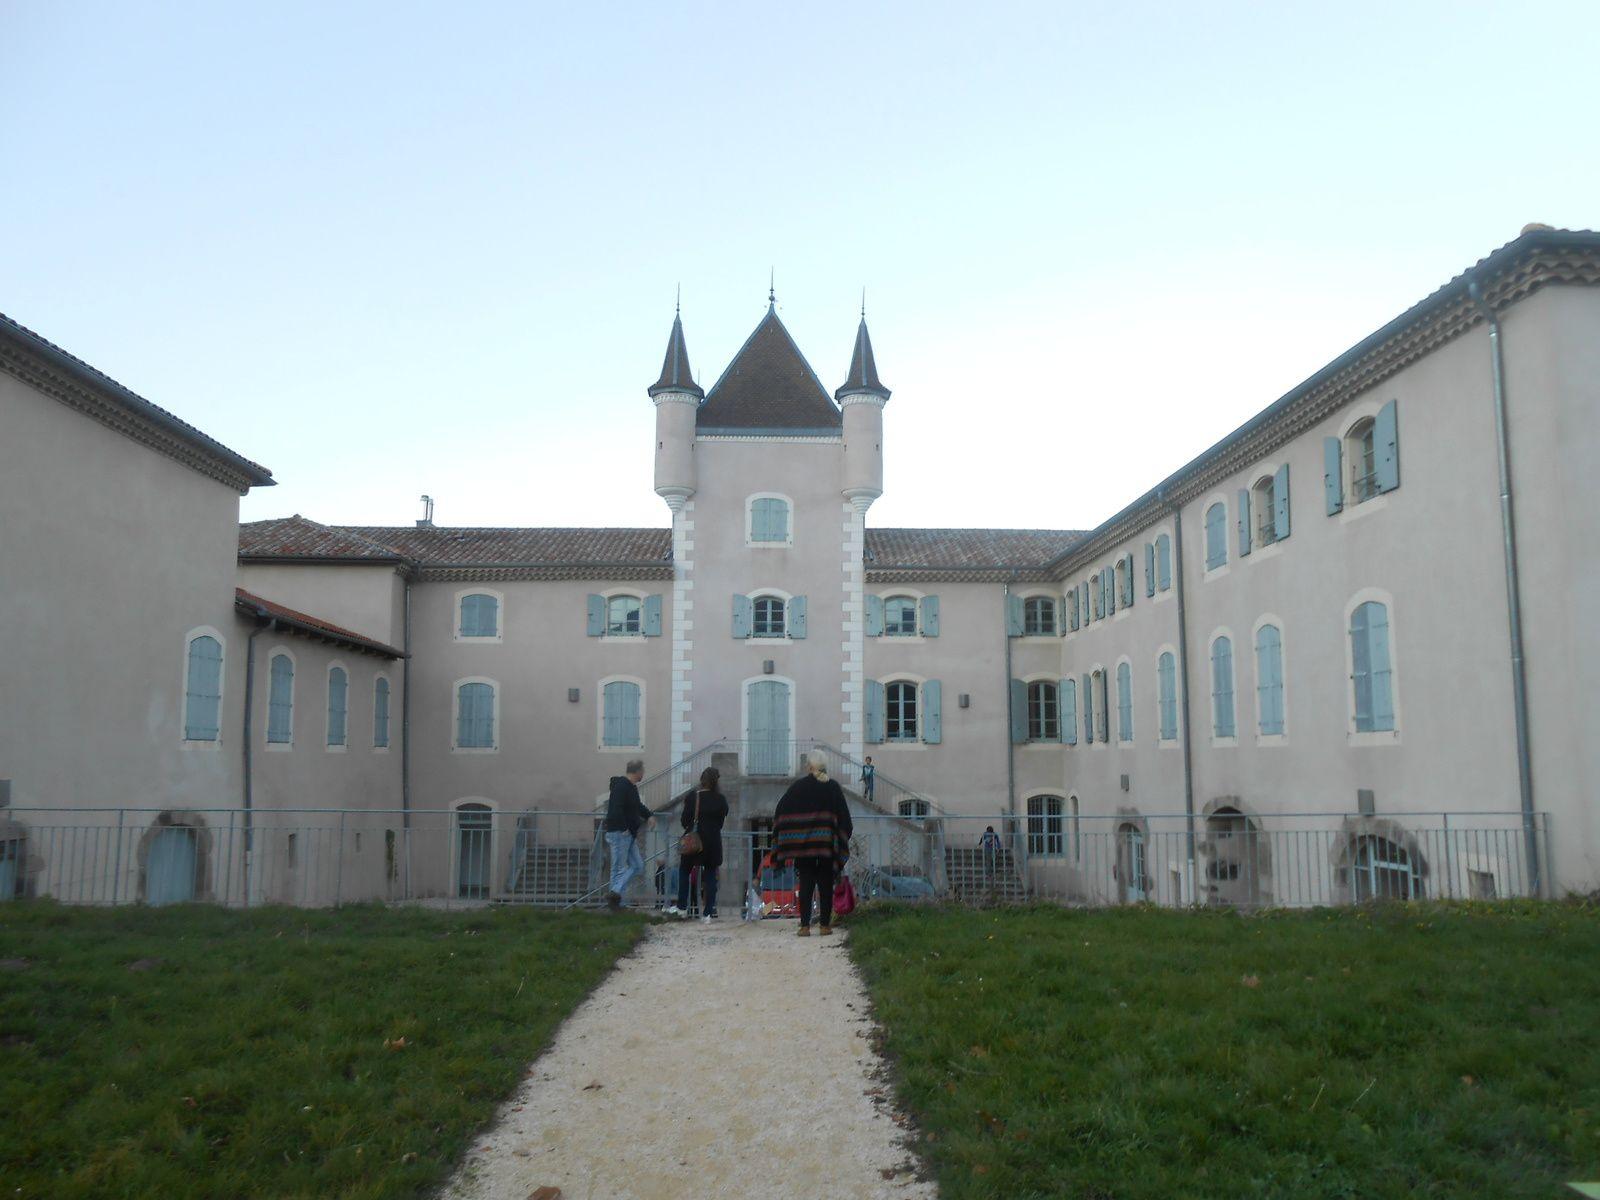 Les animations se déroulent dans les jardins et sur le domaine de Rochemure, autour de la Maison du Parc